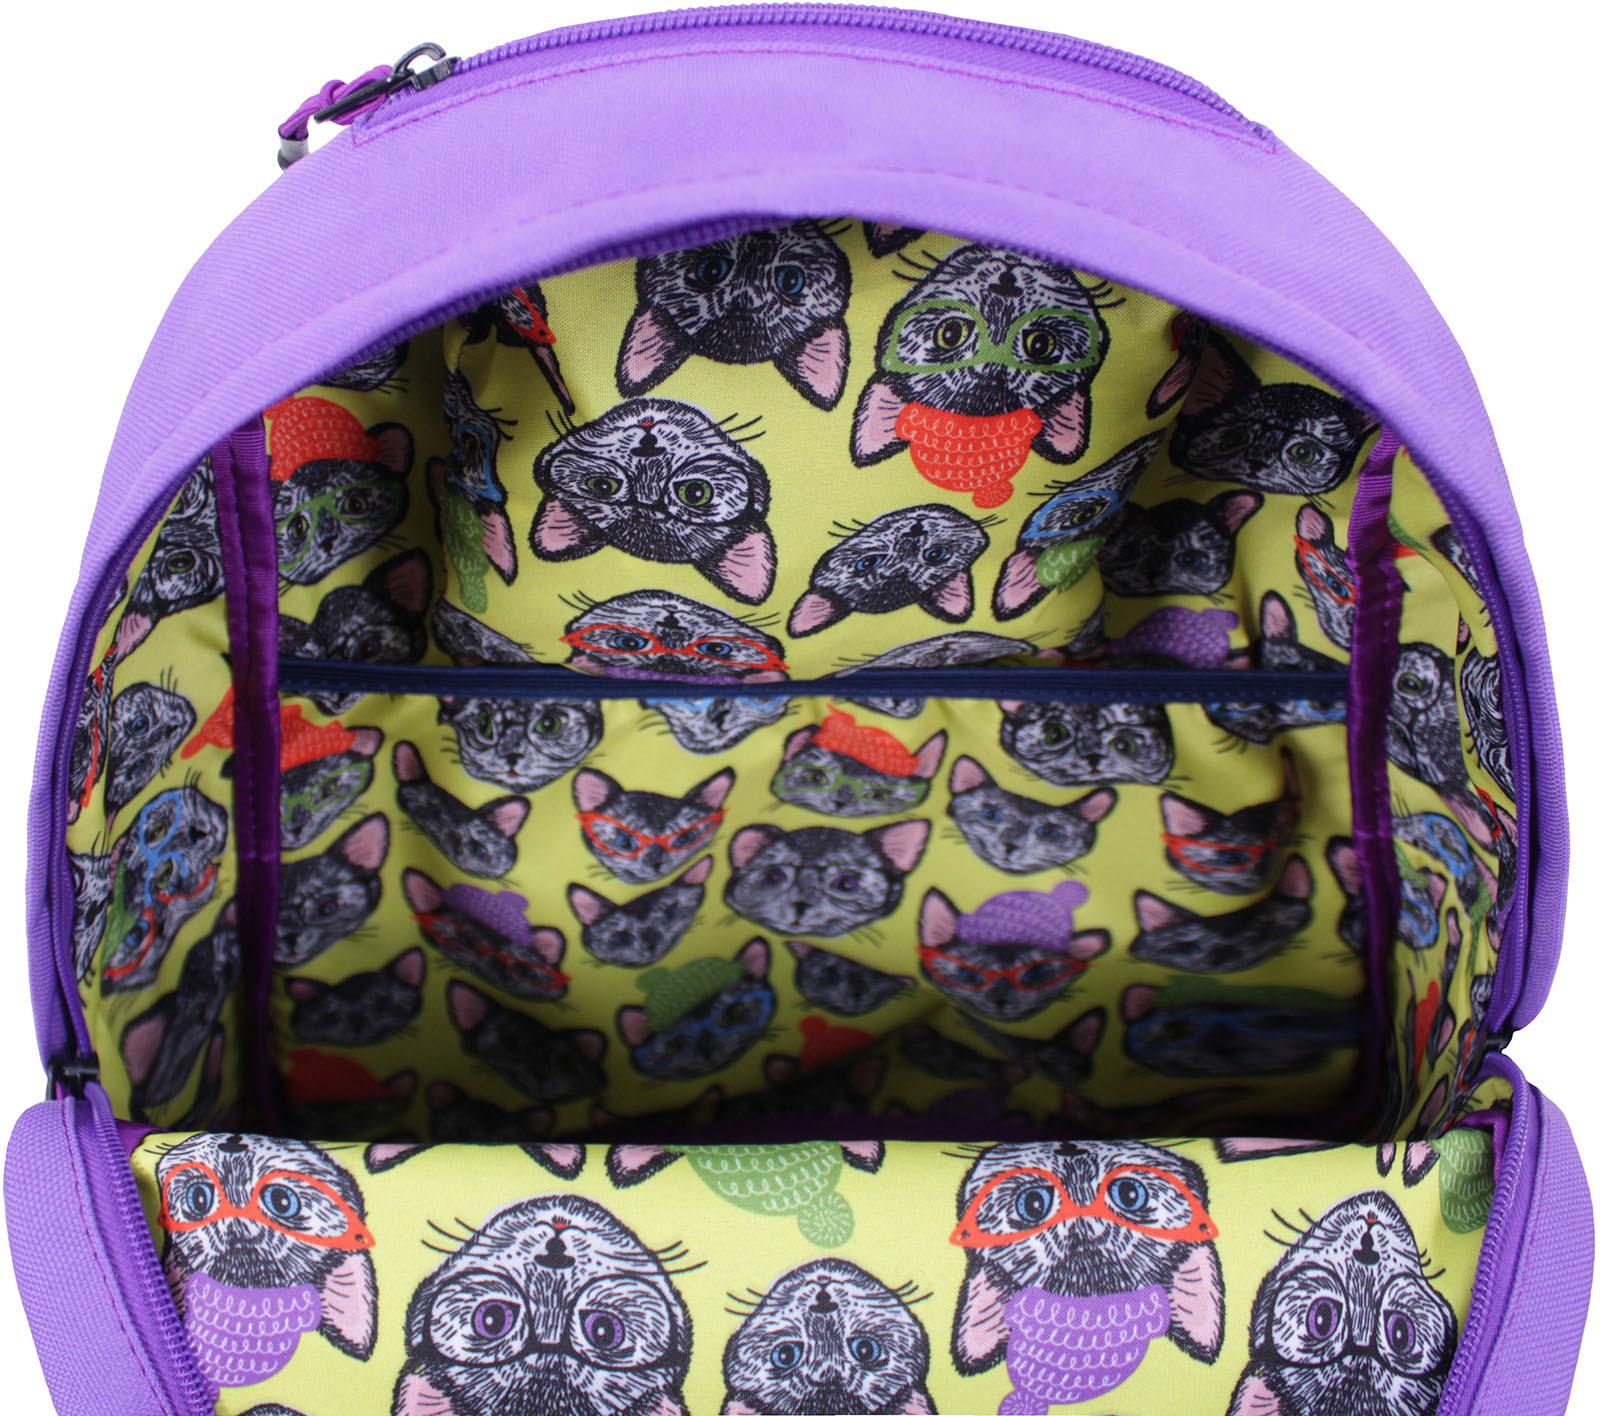 Рюкзак Bagland Hood W/R 17 л. фиолетовый 469 (0054466) фото 5